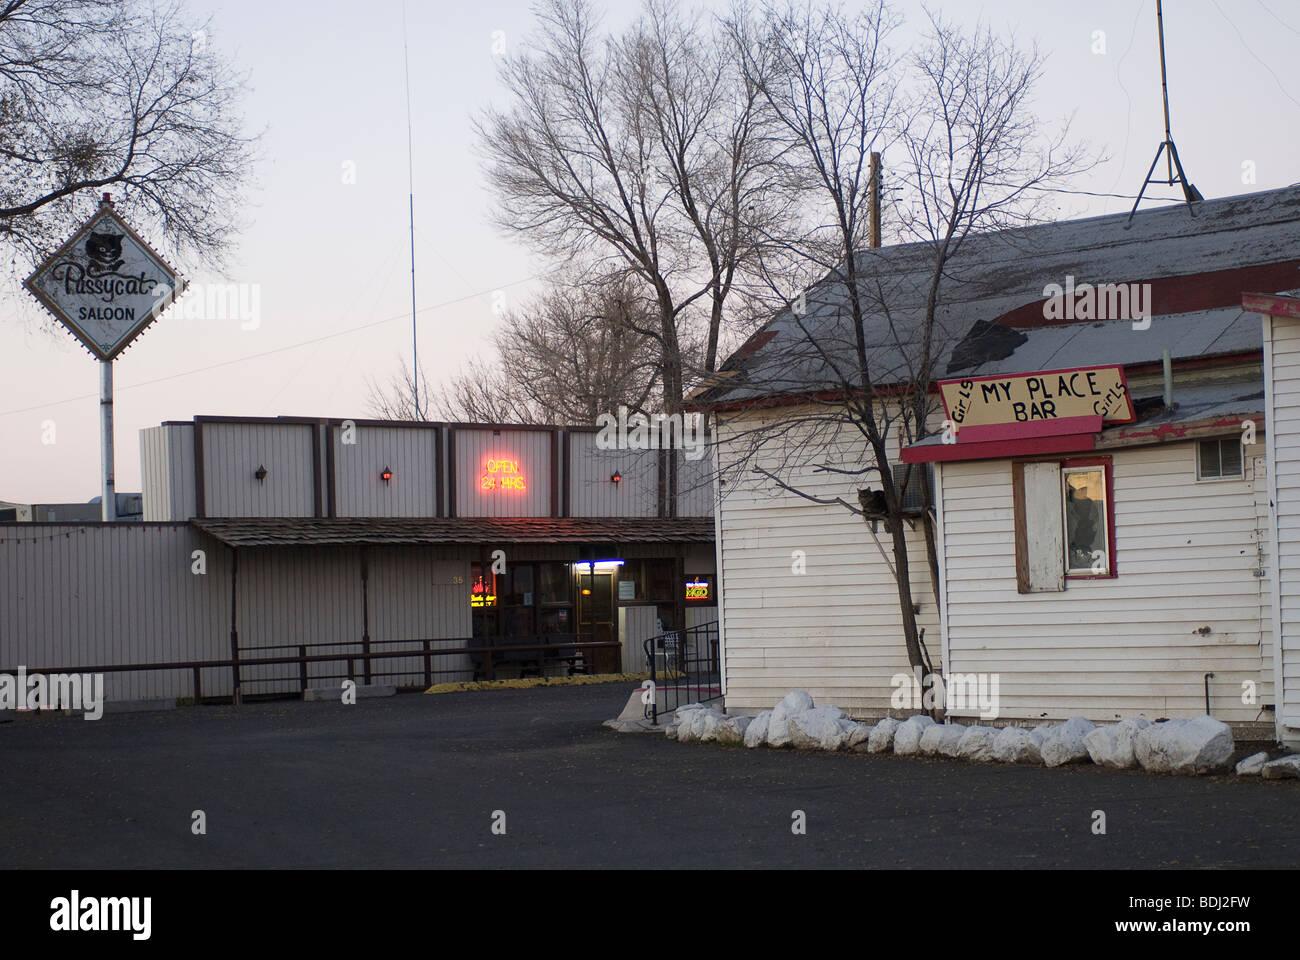 Pussycat Saloon, 35 Riverside St, Winnemucca